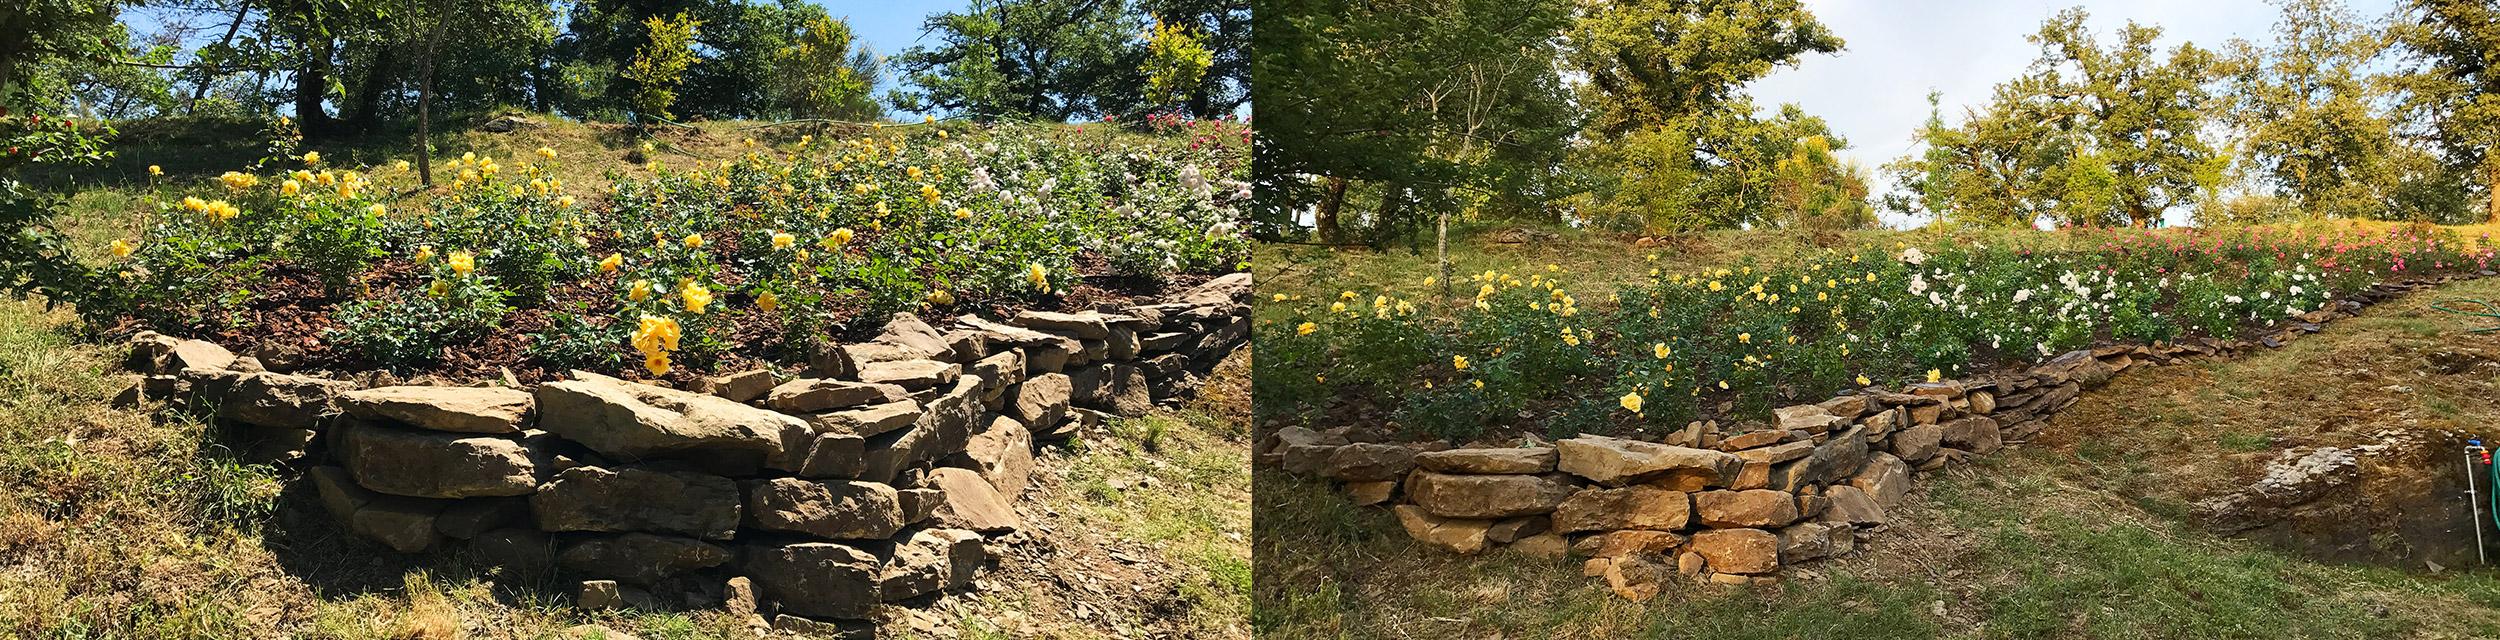 Giardini rocciosi e giardini rustici